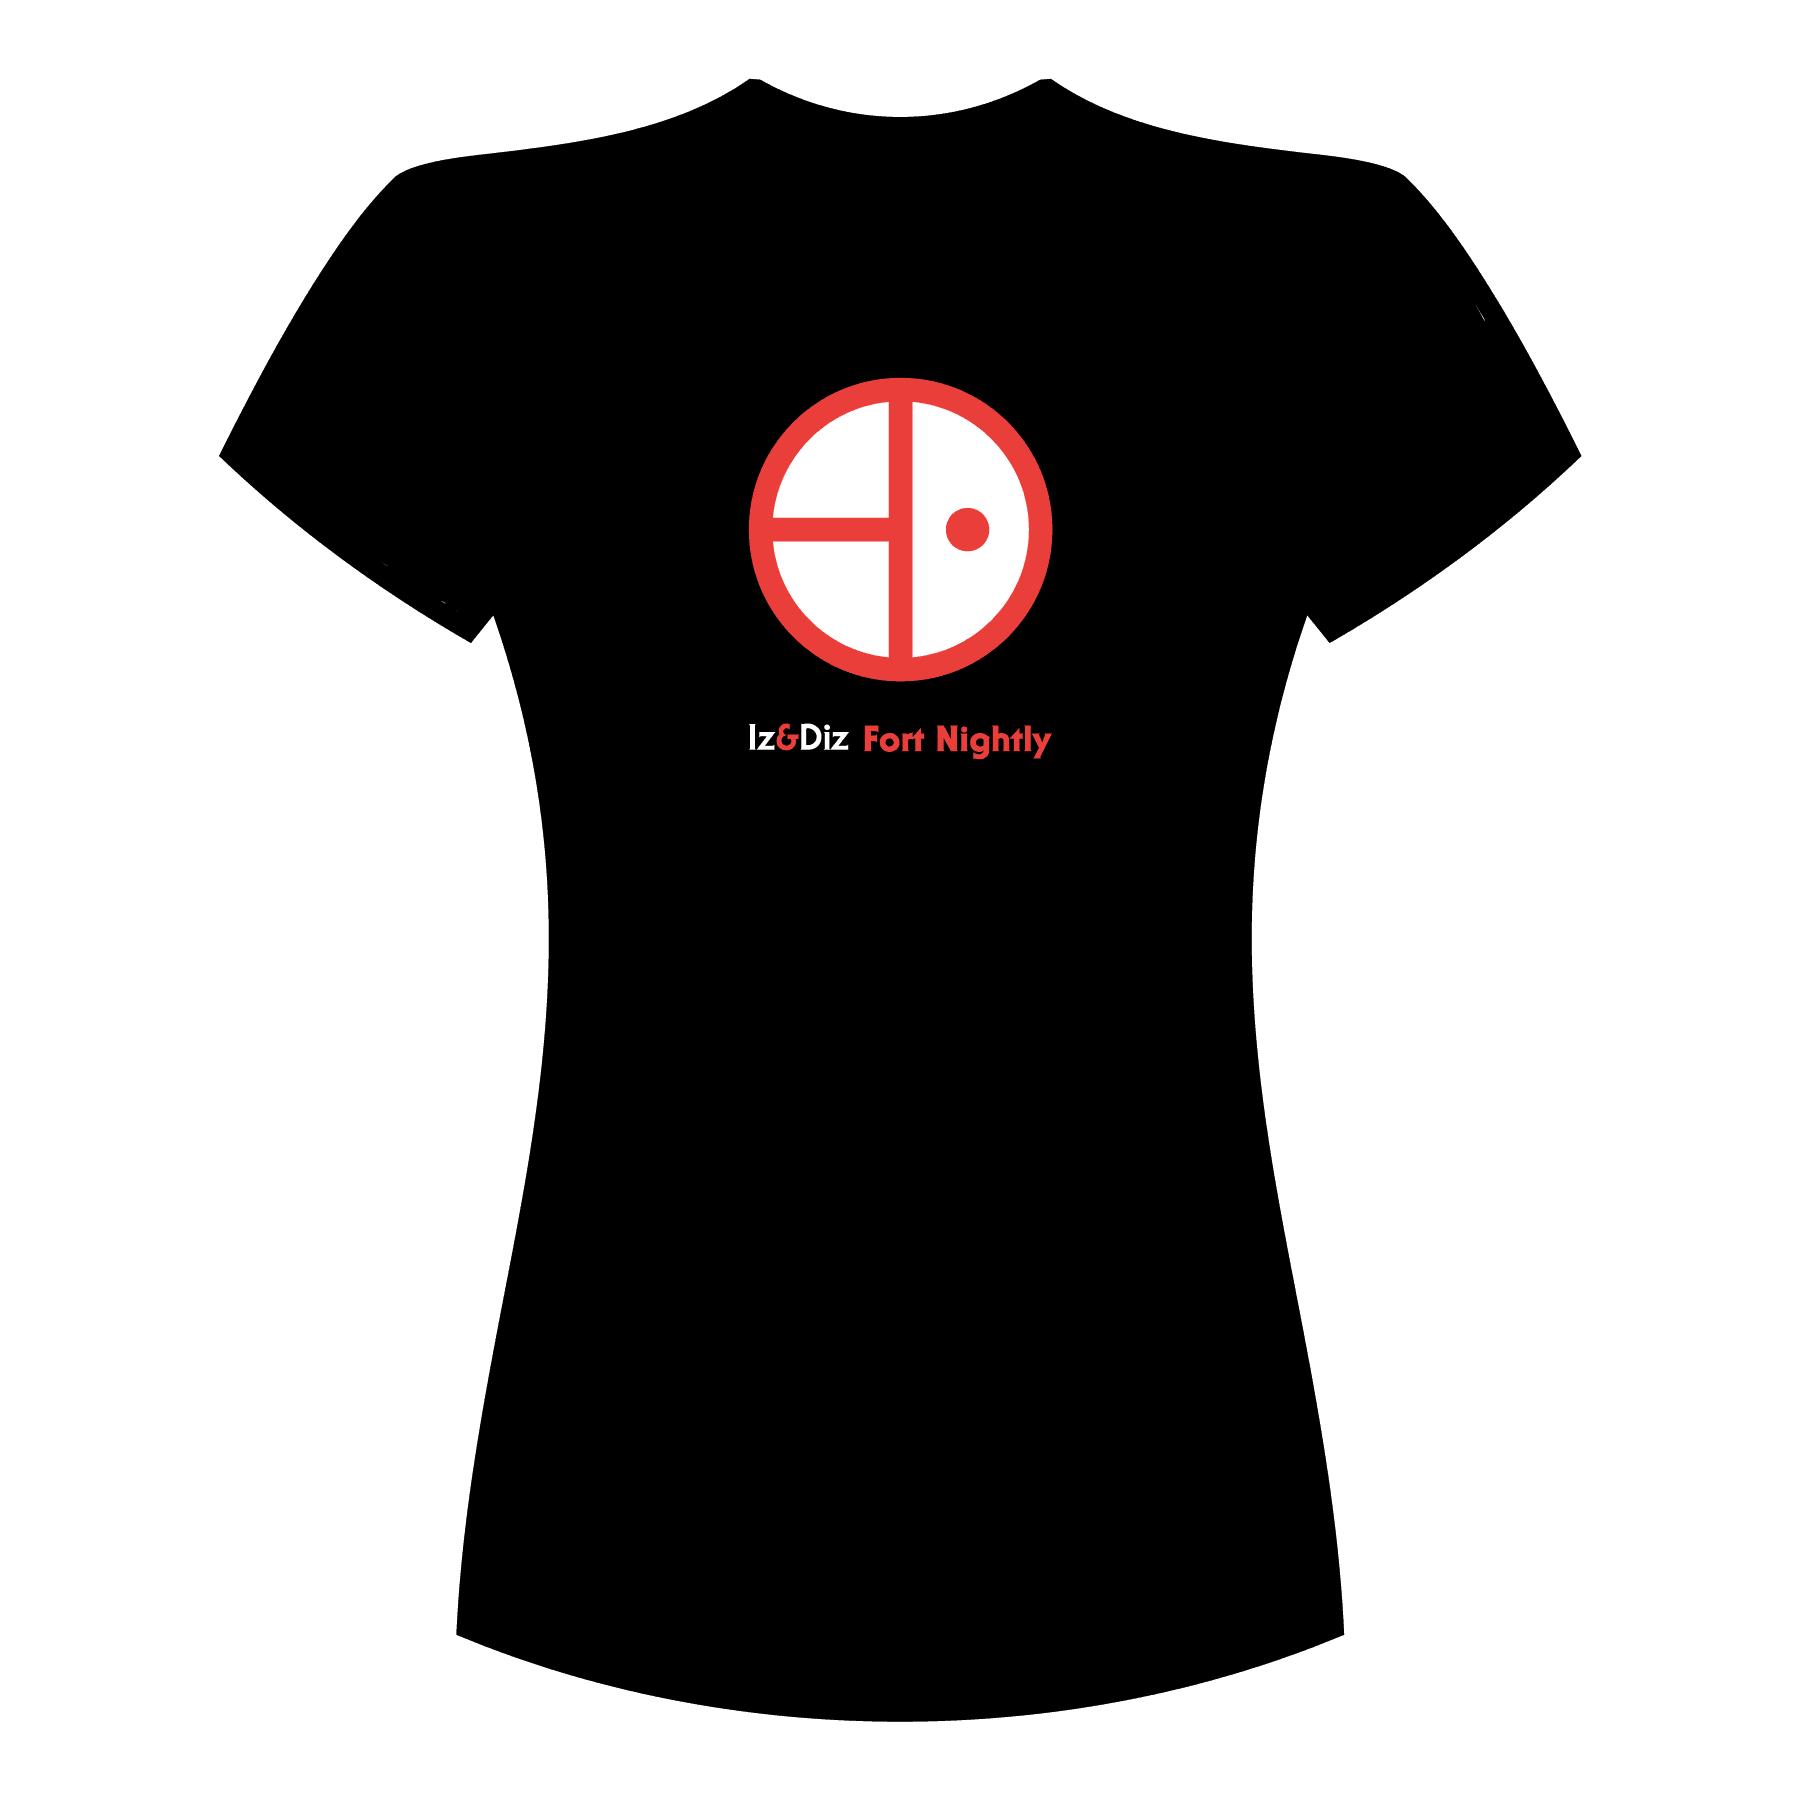 Iz & Diz - Women's T-Shirt